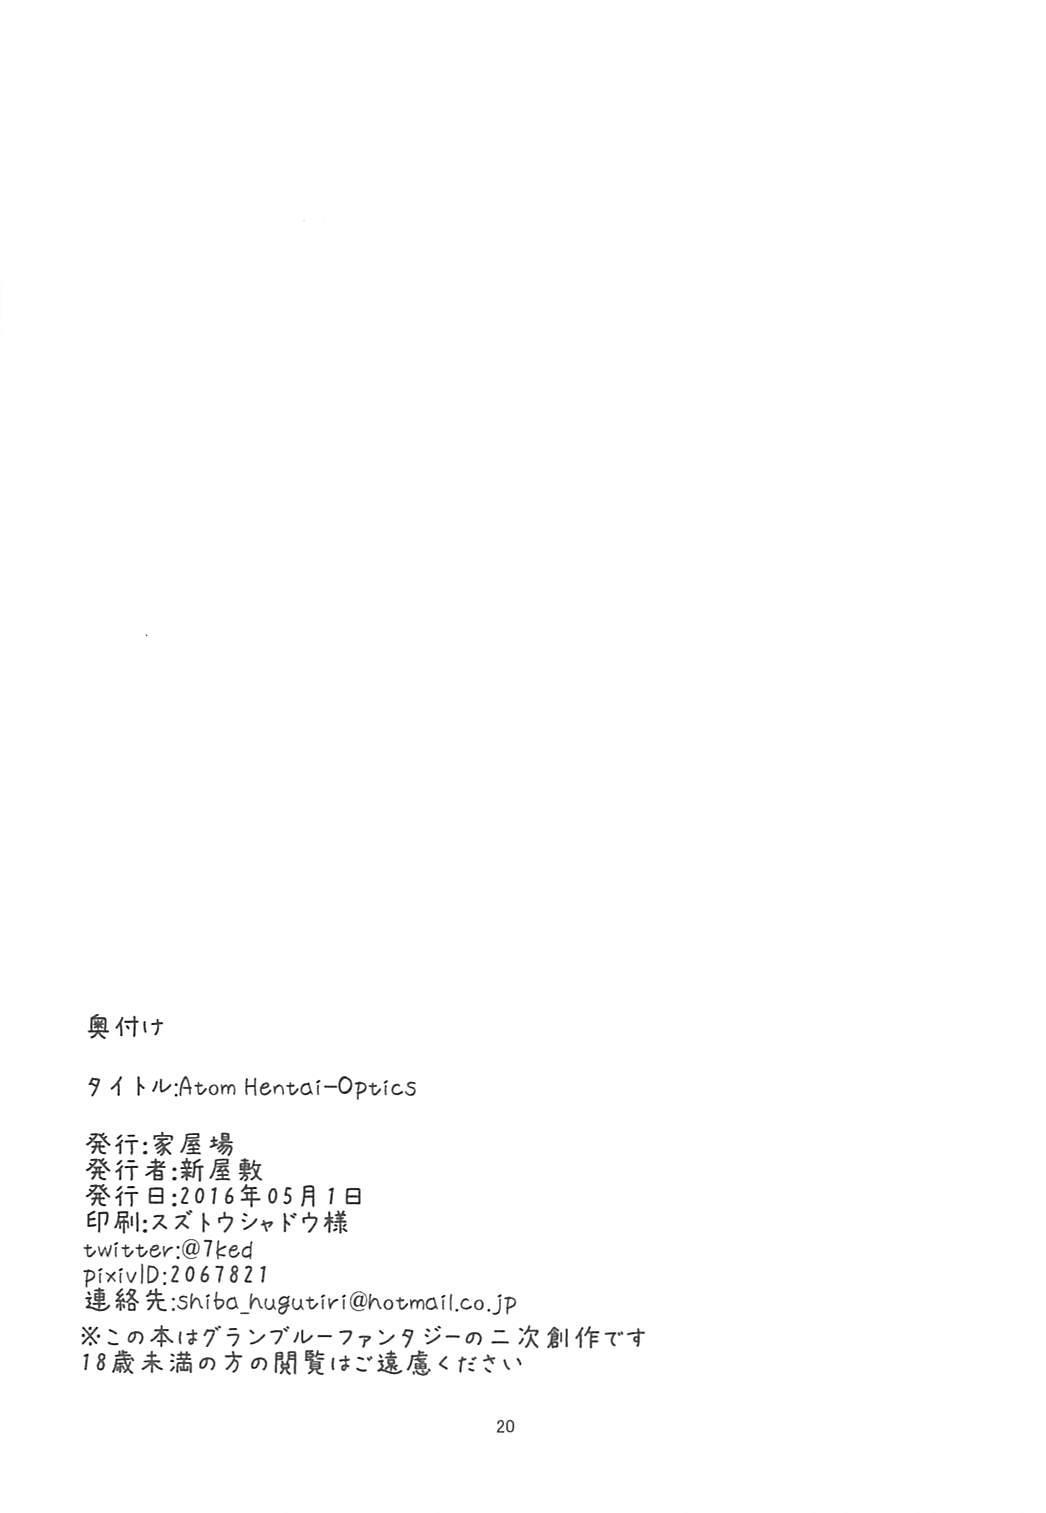 Hentai Optics 20